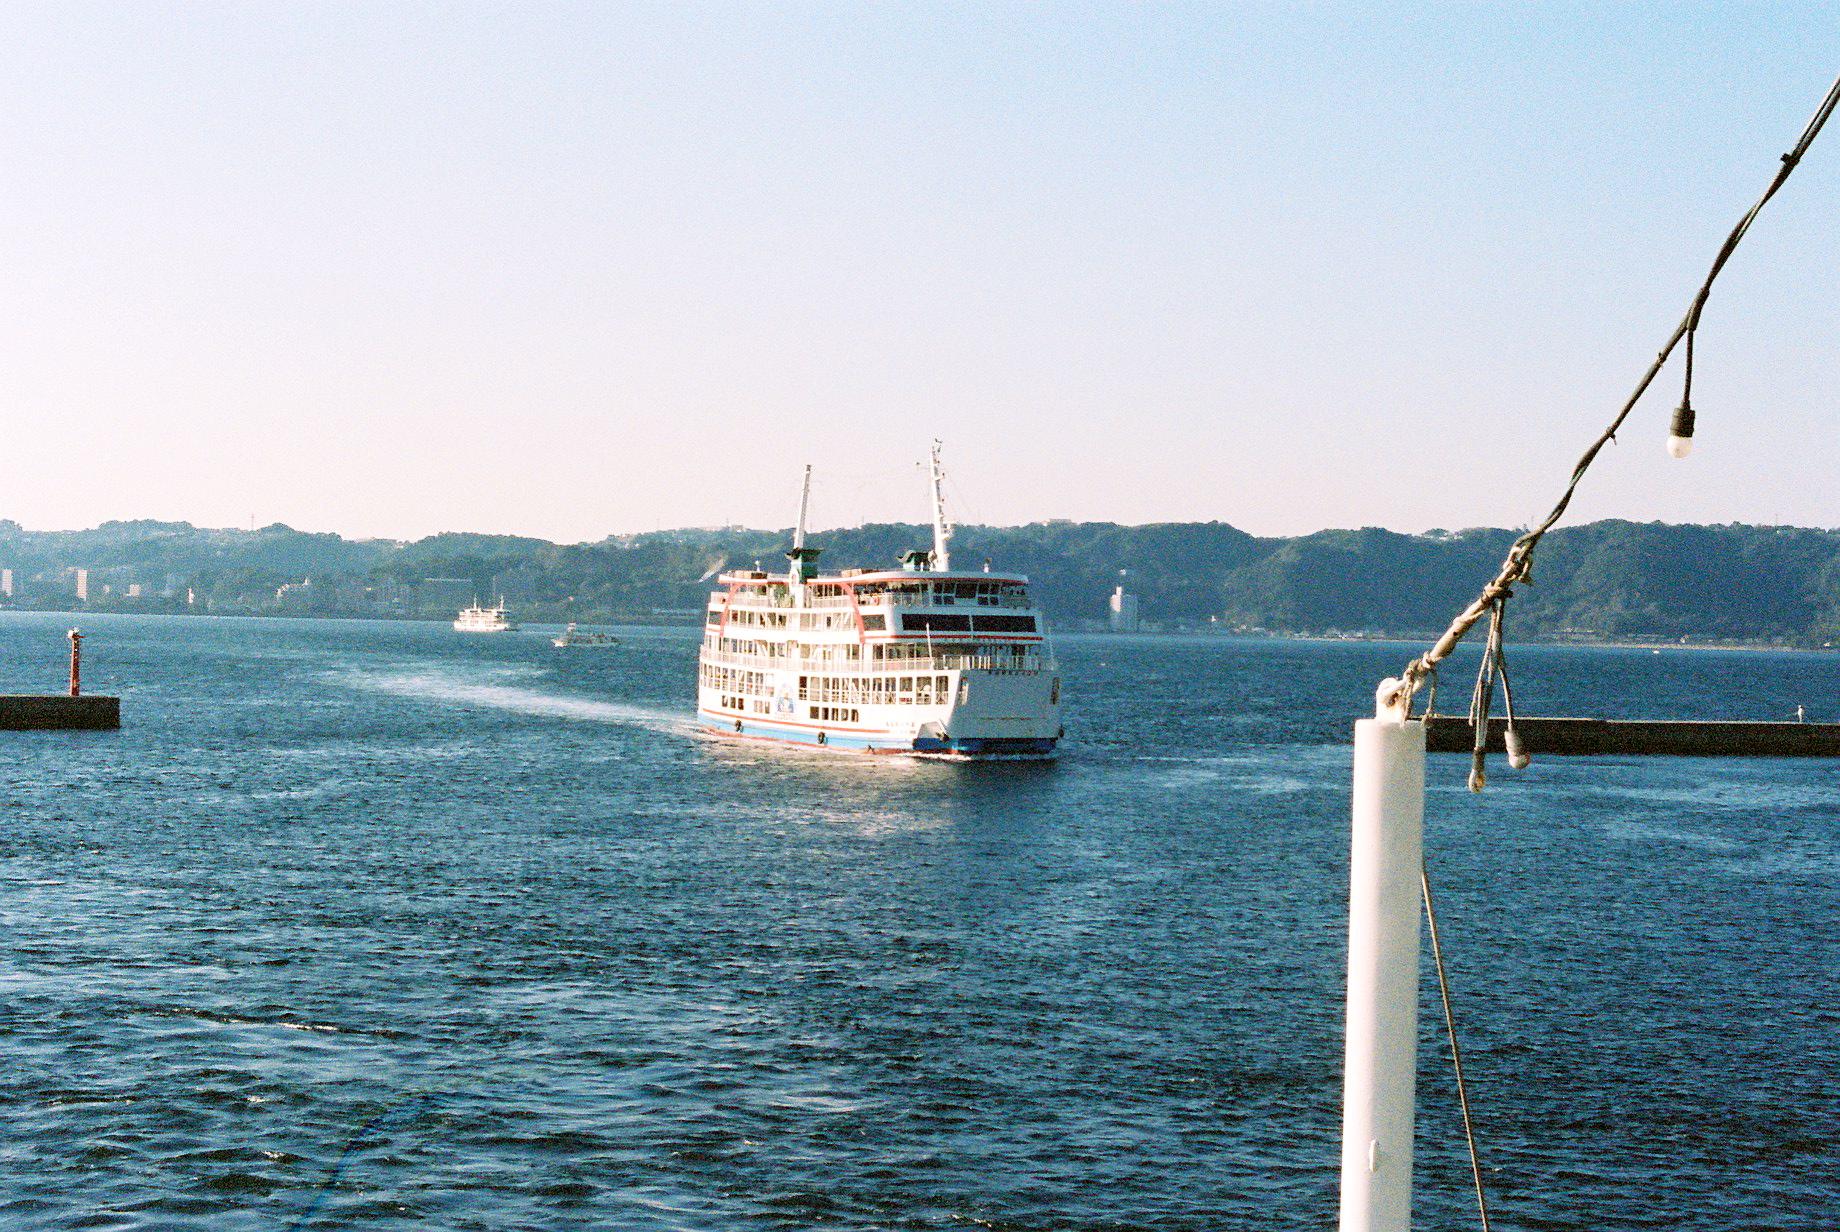 桜島を経由して、福岡に向かいました。